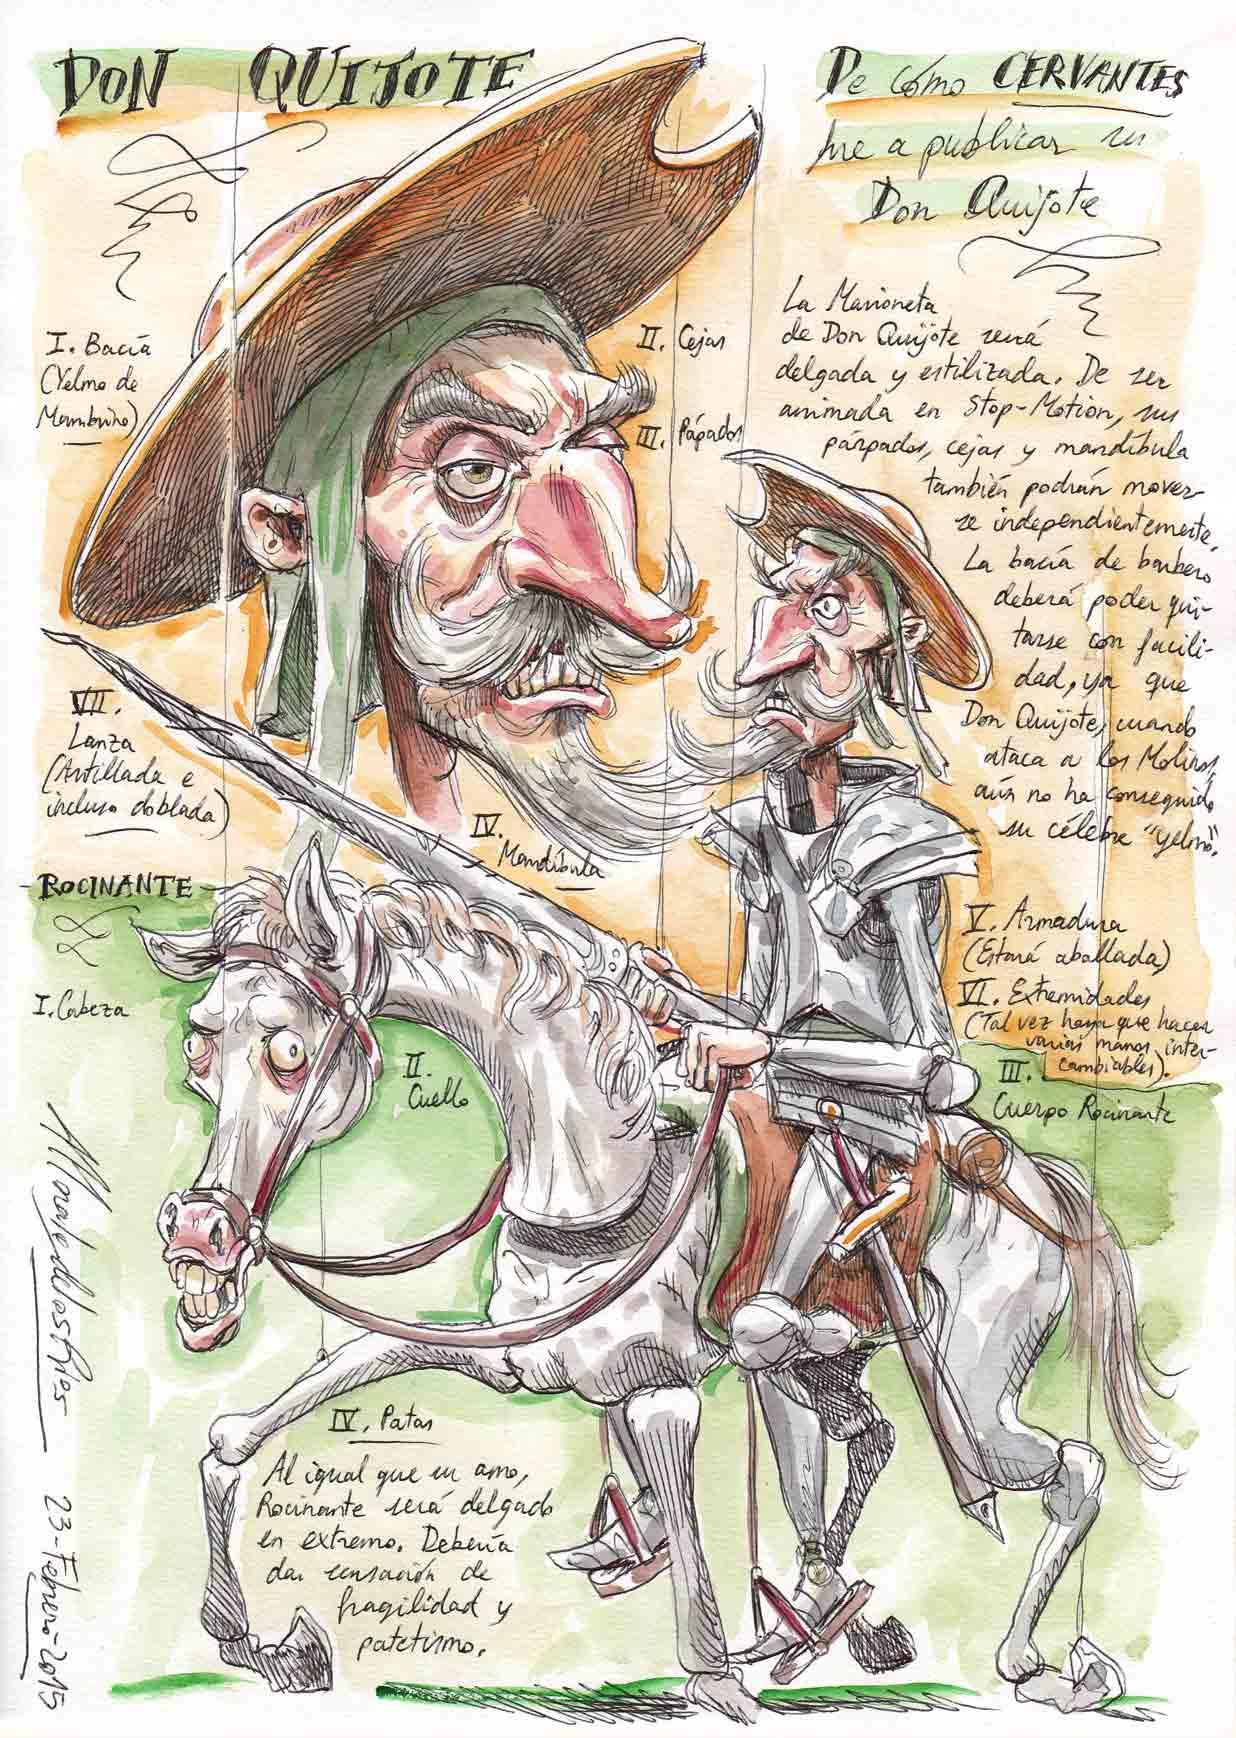 CERVANTES - Marioneta Don Quijote